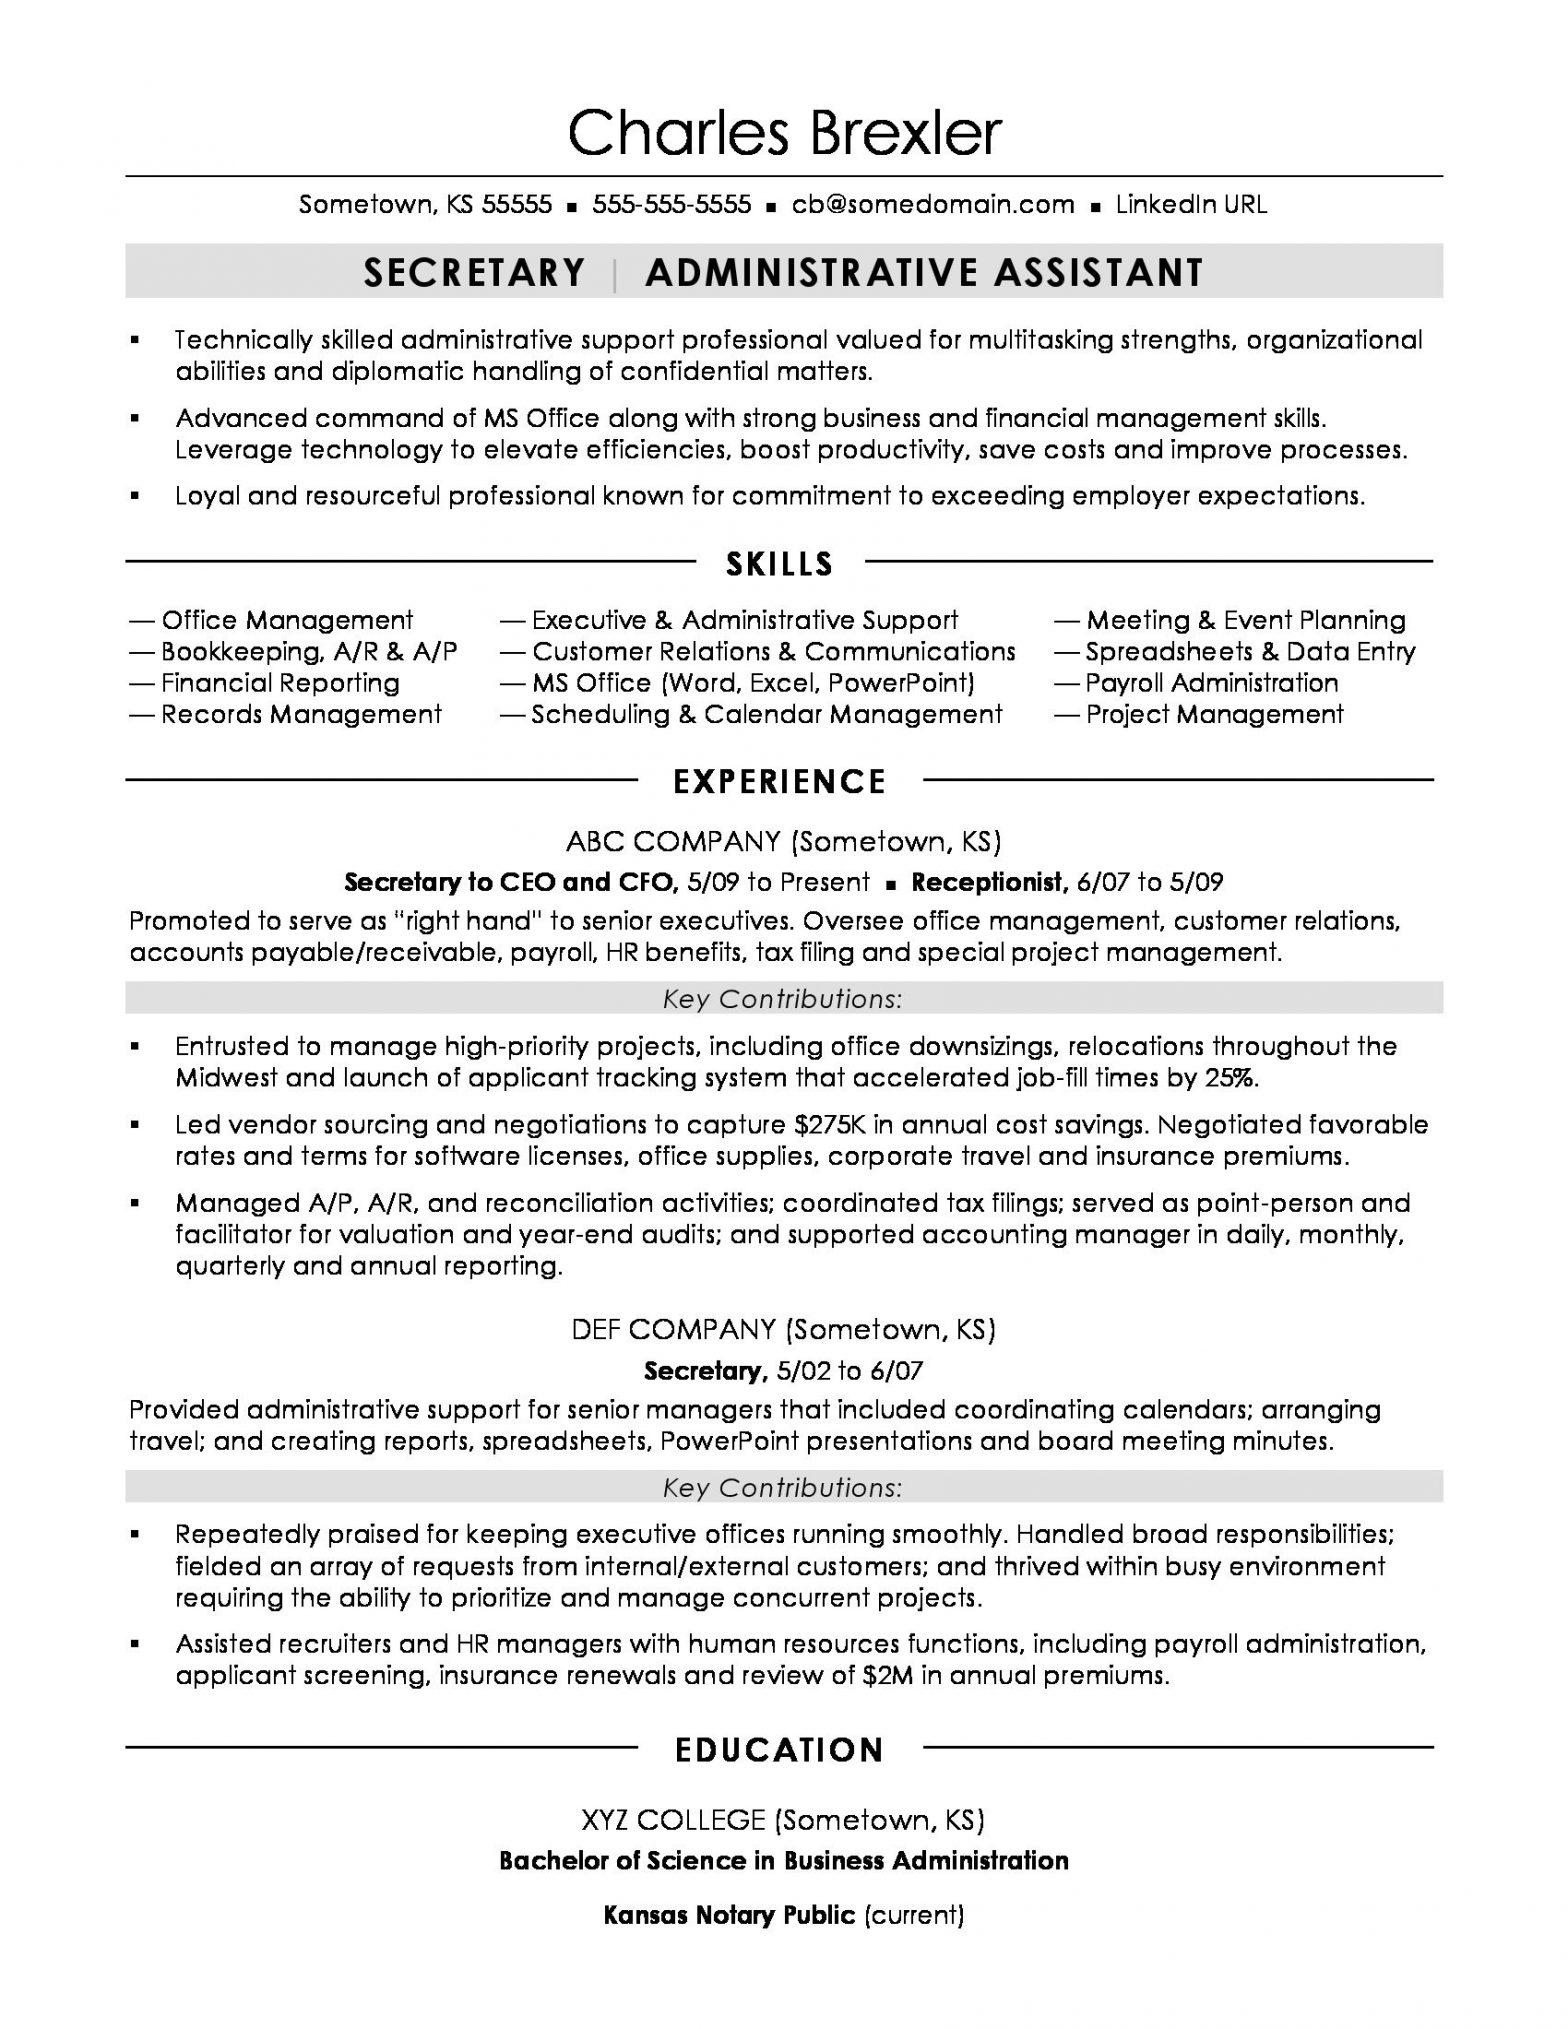 Sample Resume Objective for Secretary Position Secretary Resume Sample Monster.com